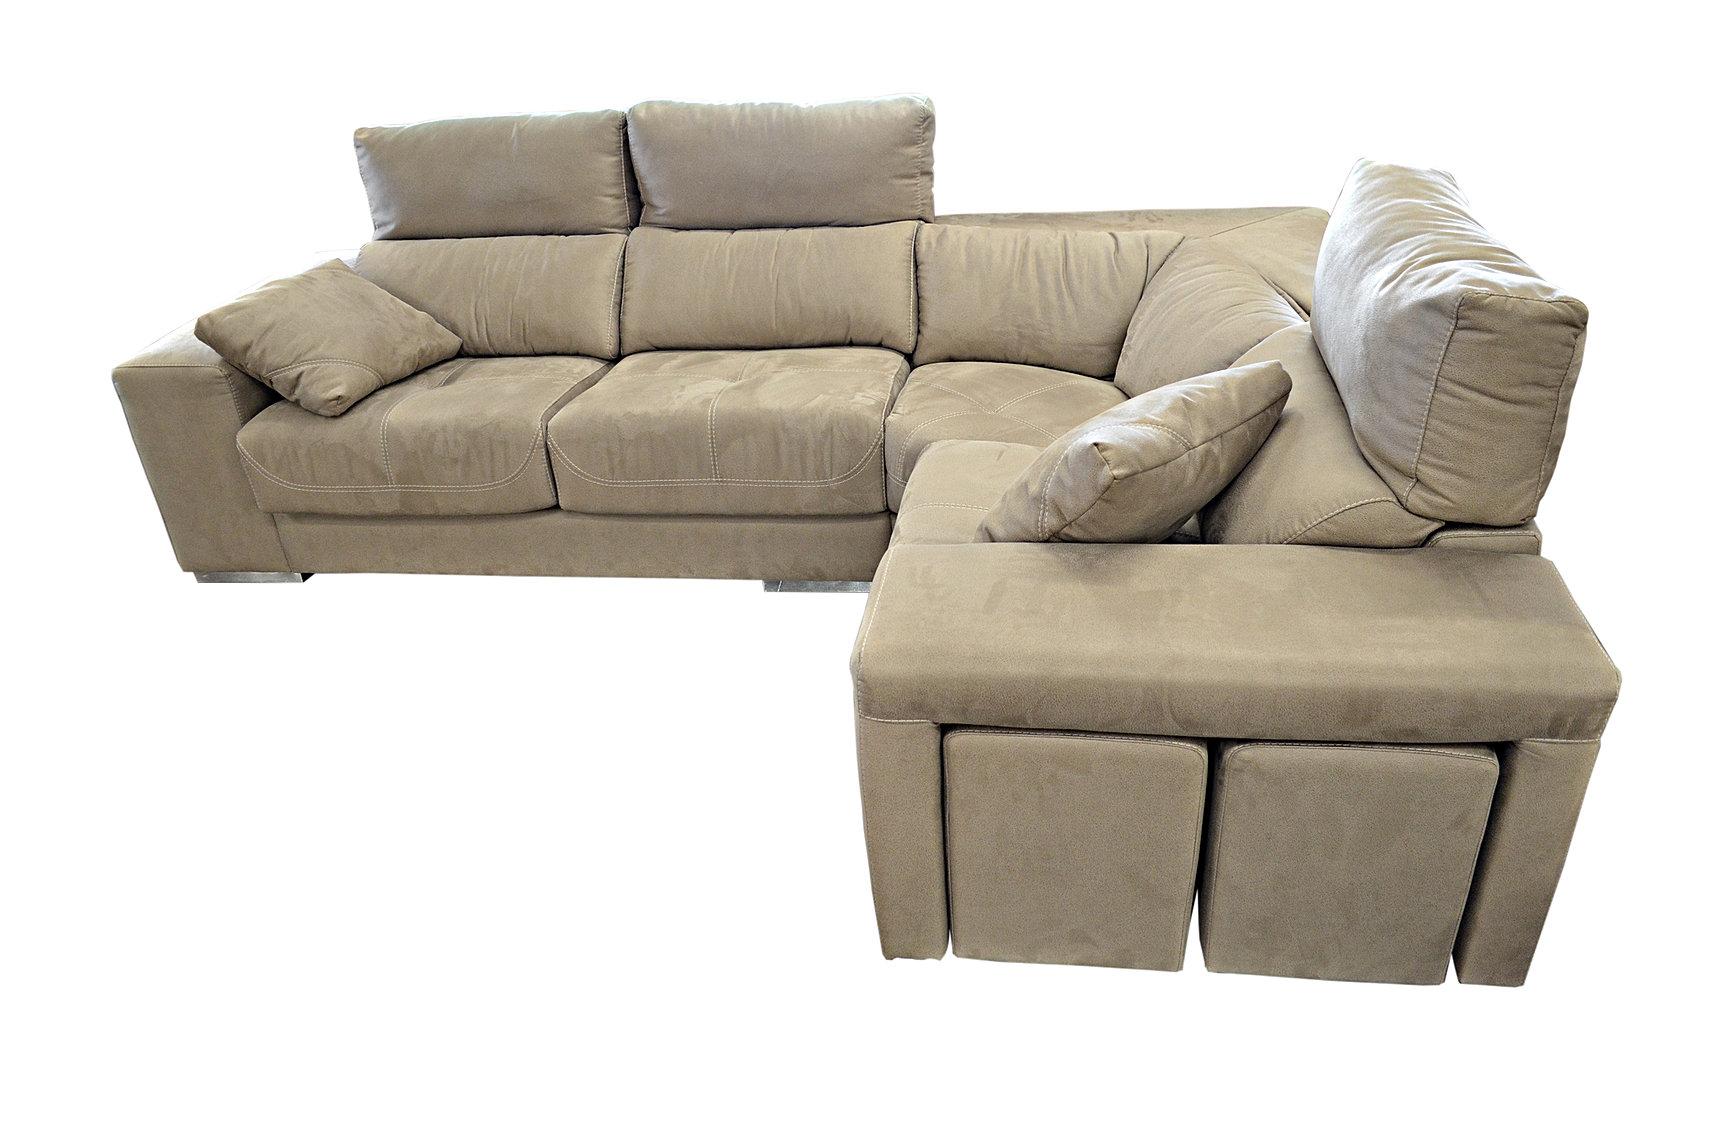 Sofass sevilla sof s rinconeras en sevilla for Sofas sevilla